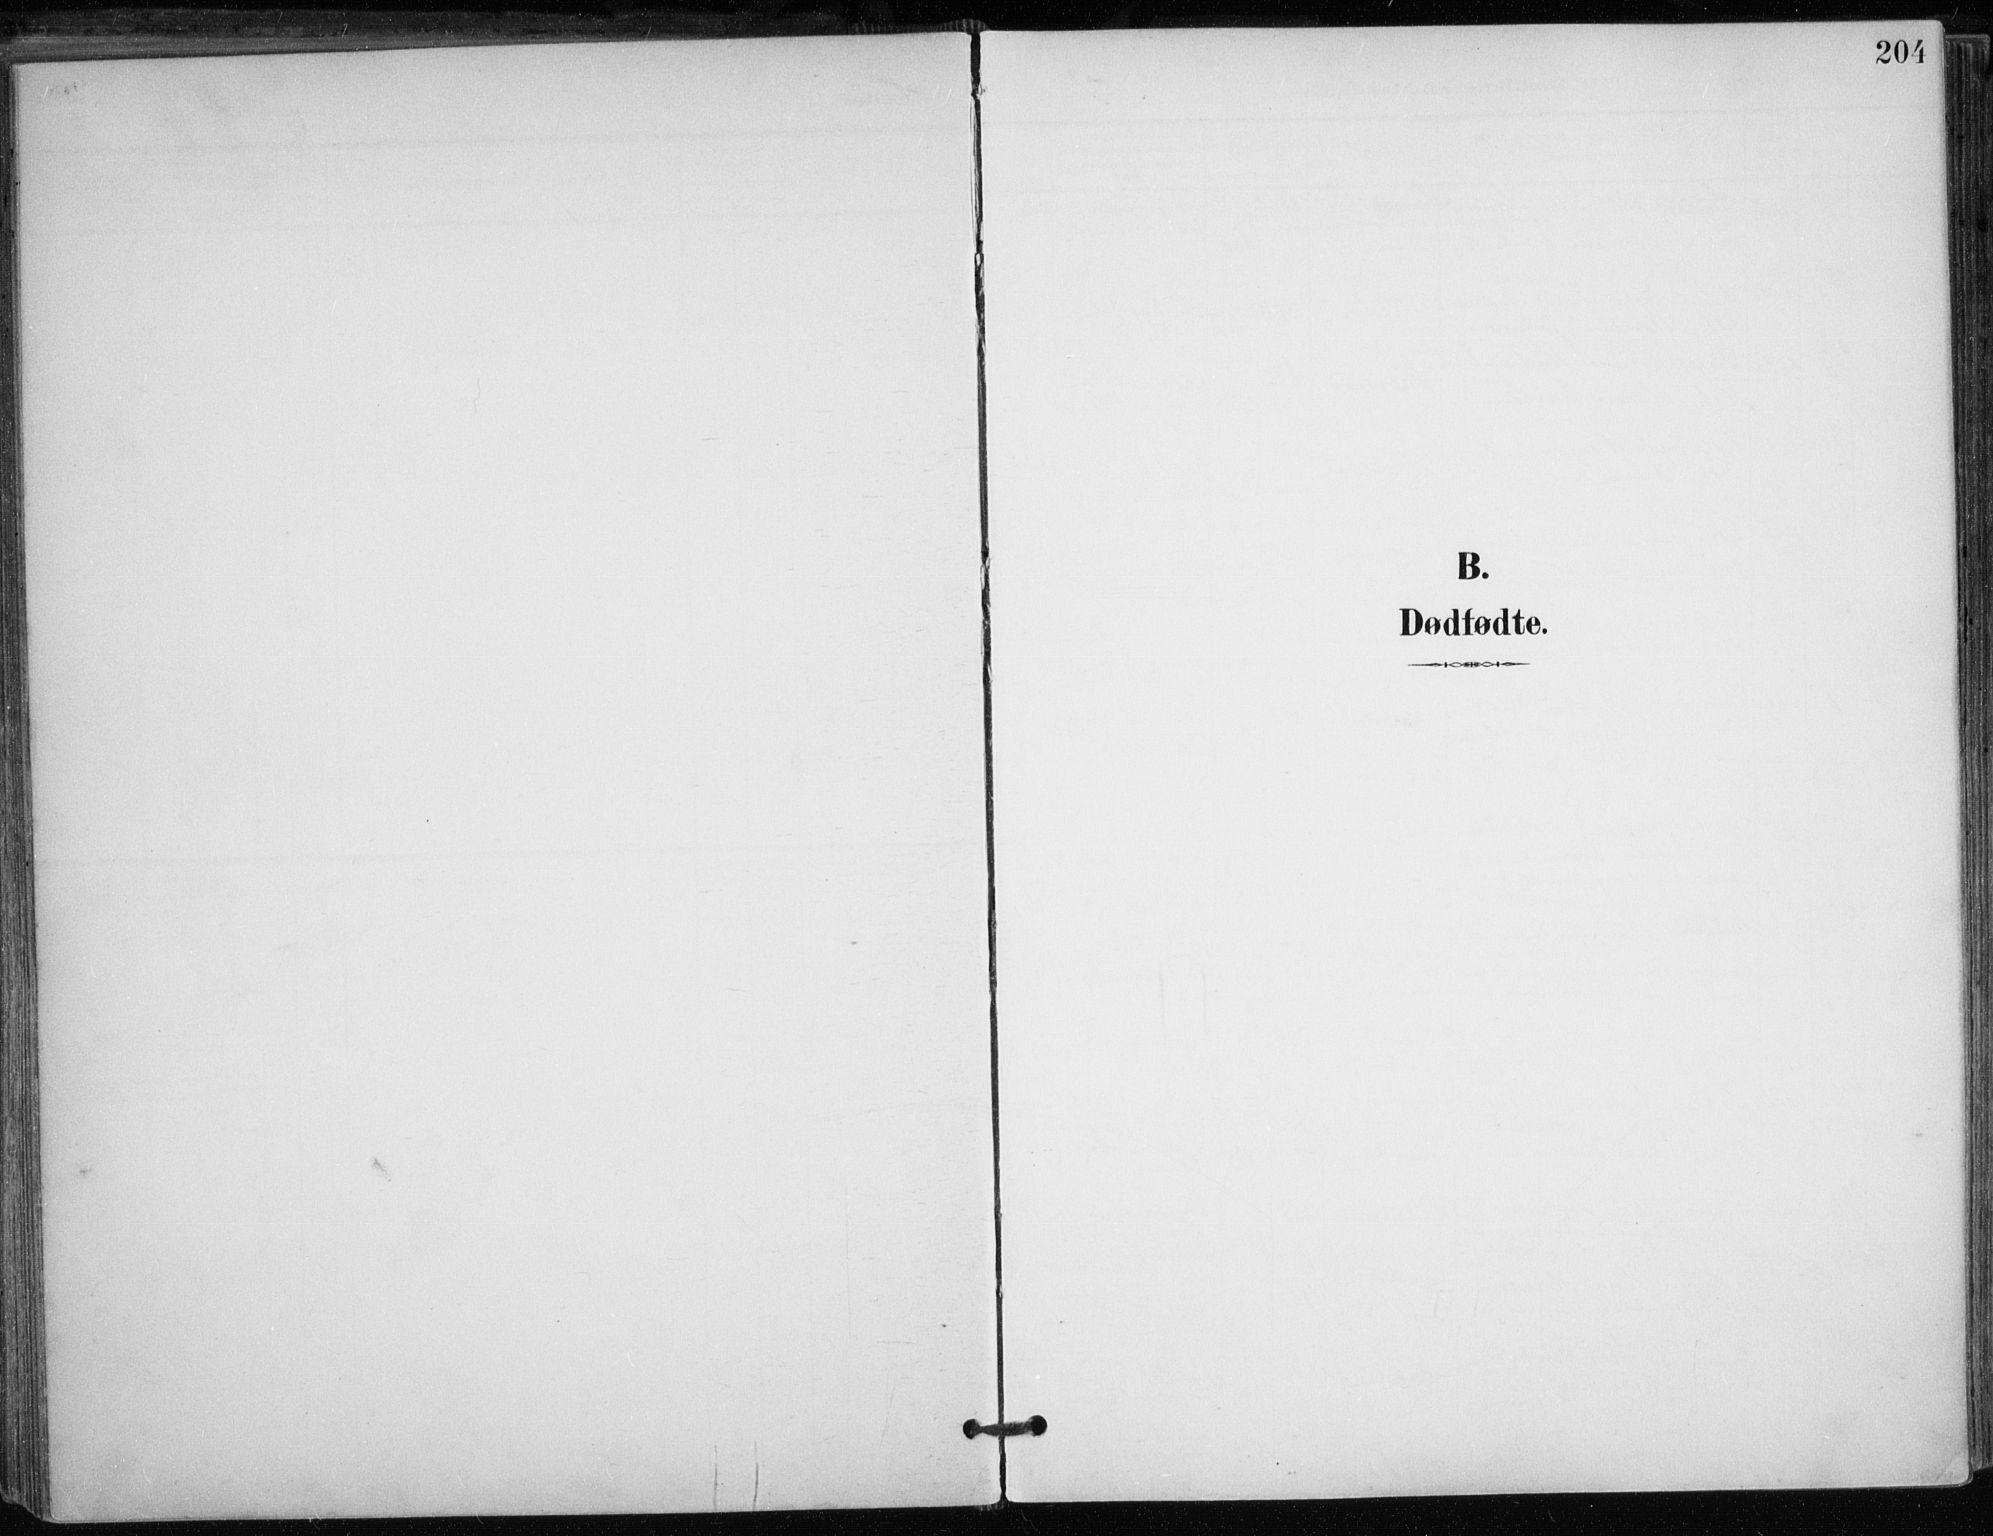 SATØ, Trondenes sokneprestkontor, H/Ha/L0017kirke: Ministerialbok nr. 17, 1899-1908, s. 204